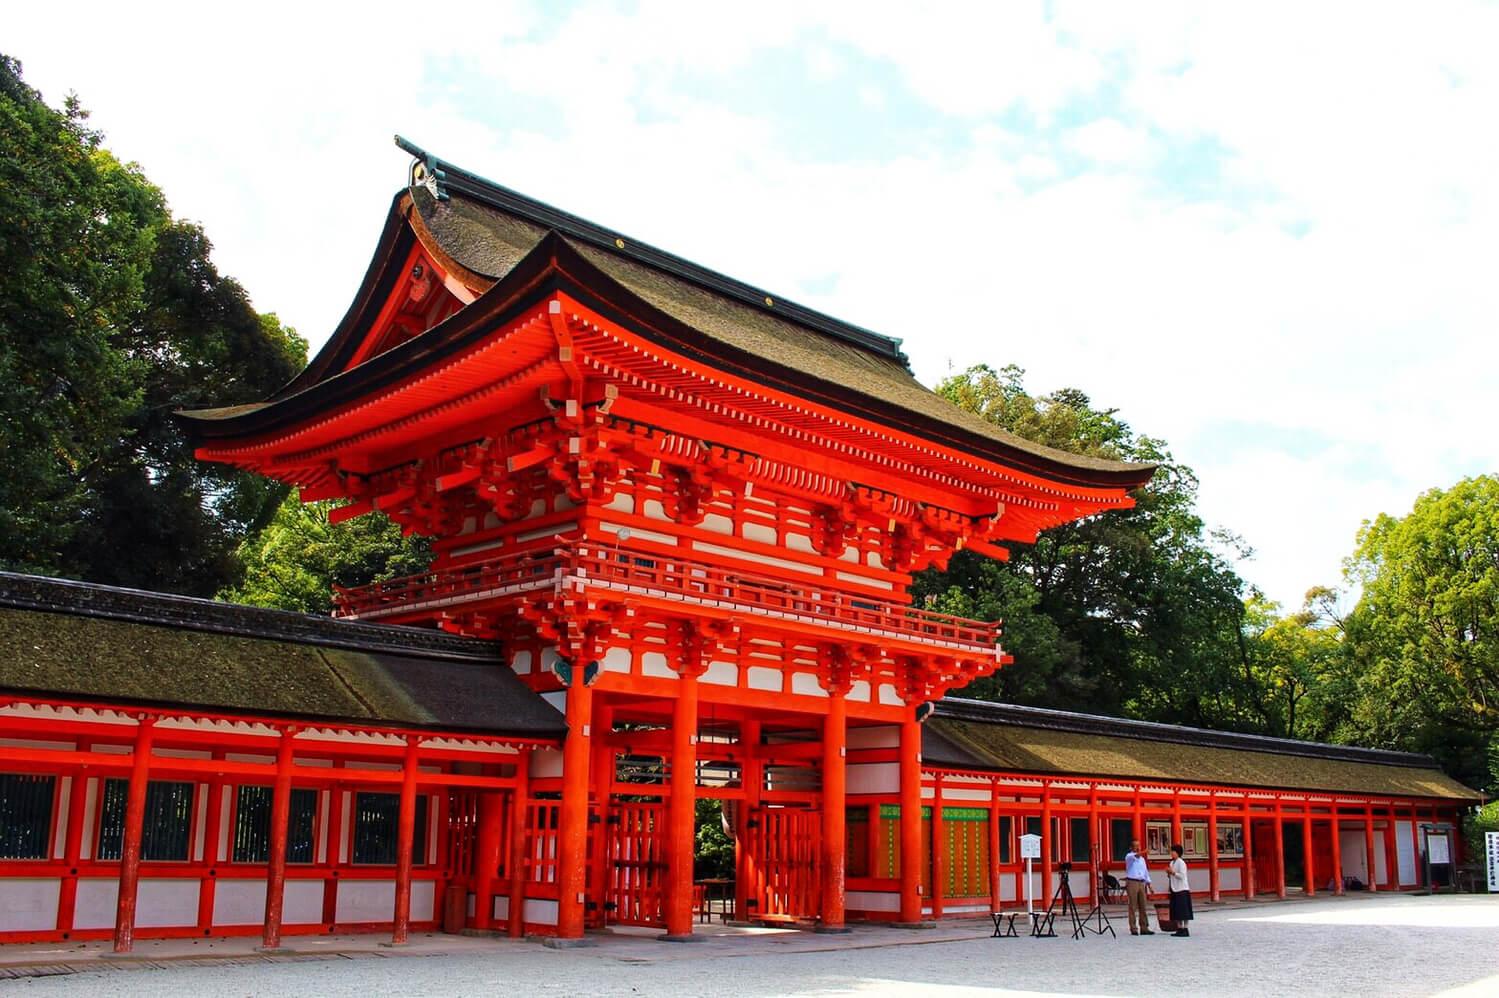 下鴨神社でも特に人気のある5つの見どころ。葵祭と御手洗祭についても解説